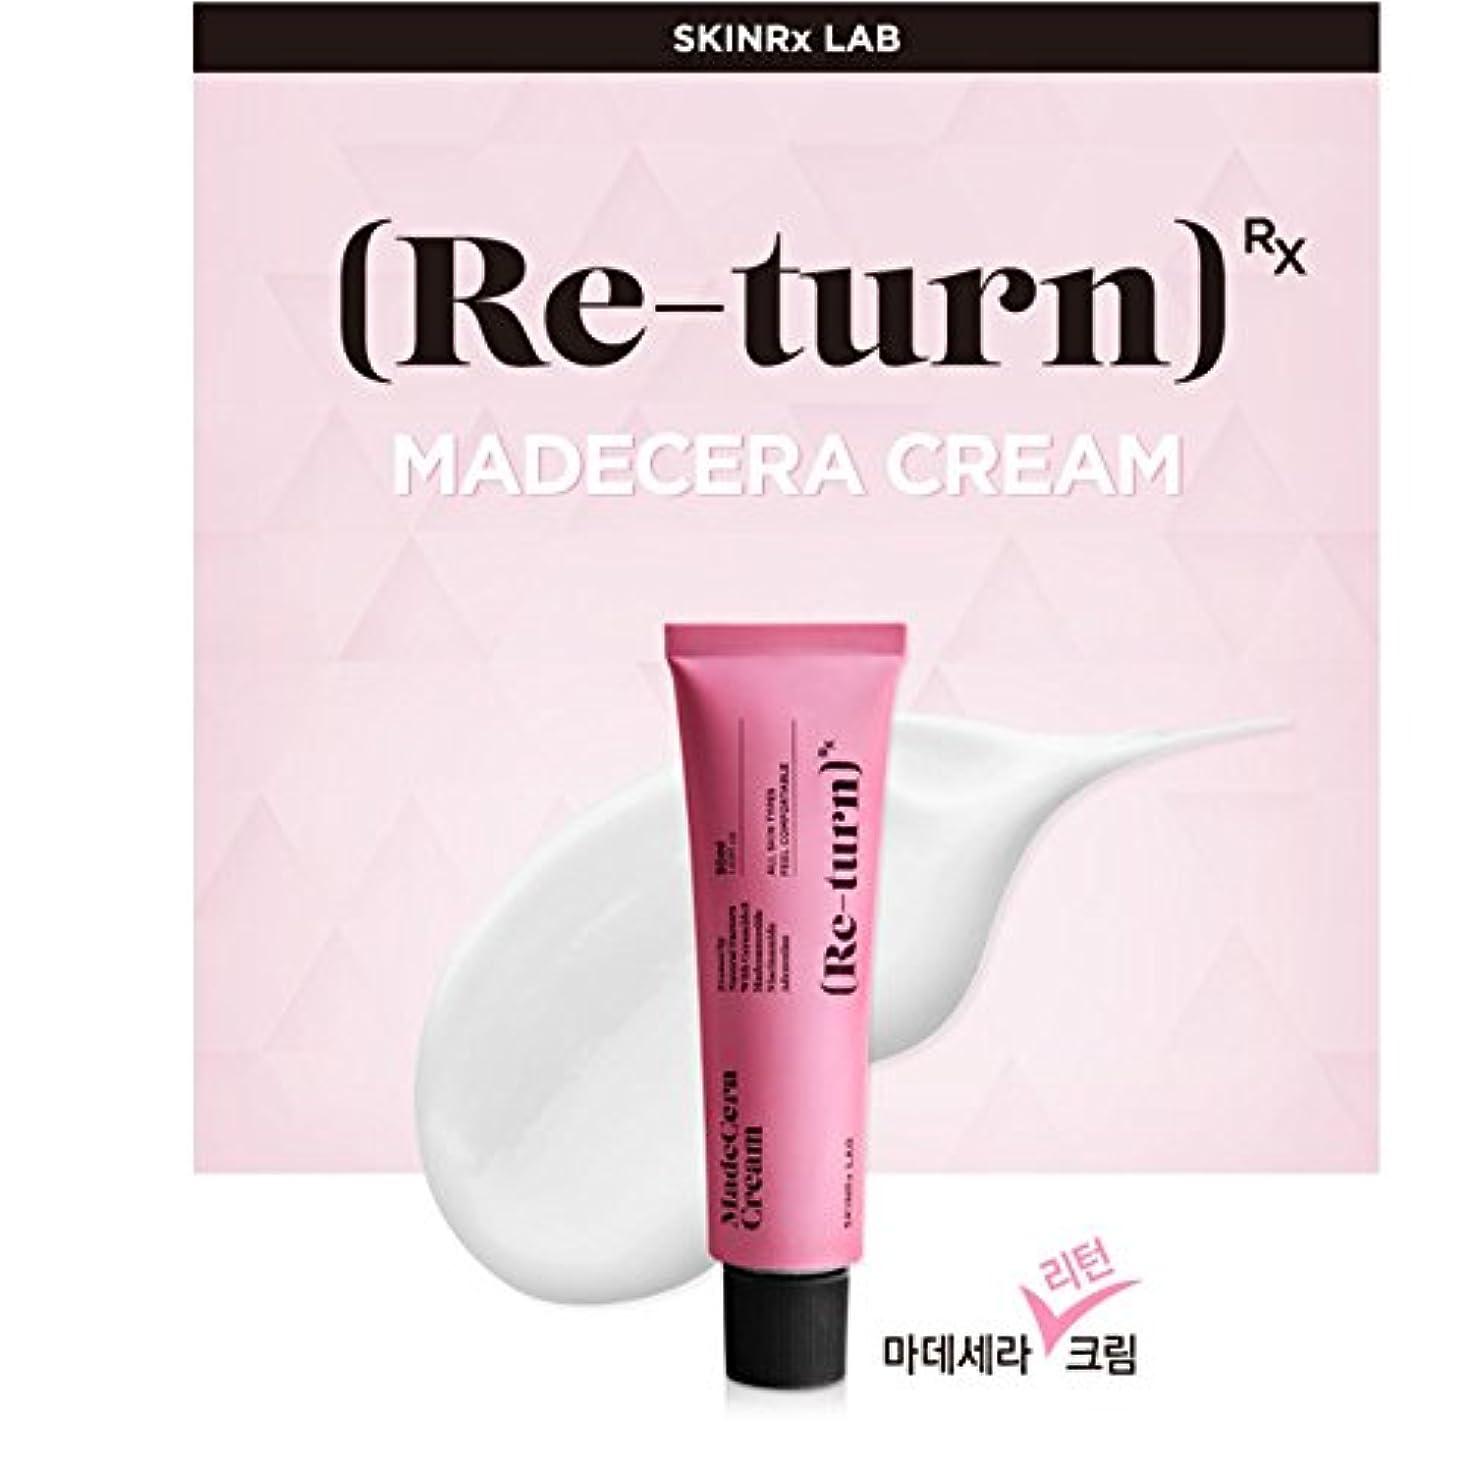 逆さまに摘む事件、出来事スキンアルエクスラップ マデセラ リターン クリーム 50ml / SKINRxLAB MadeCera Re-turn Cream 50ml (1.69oz)